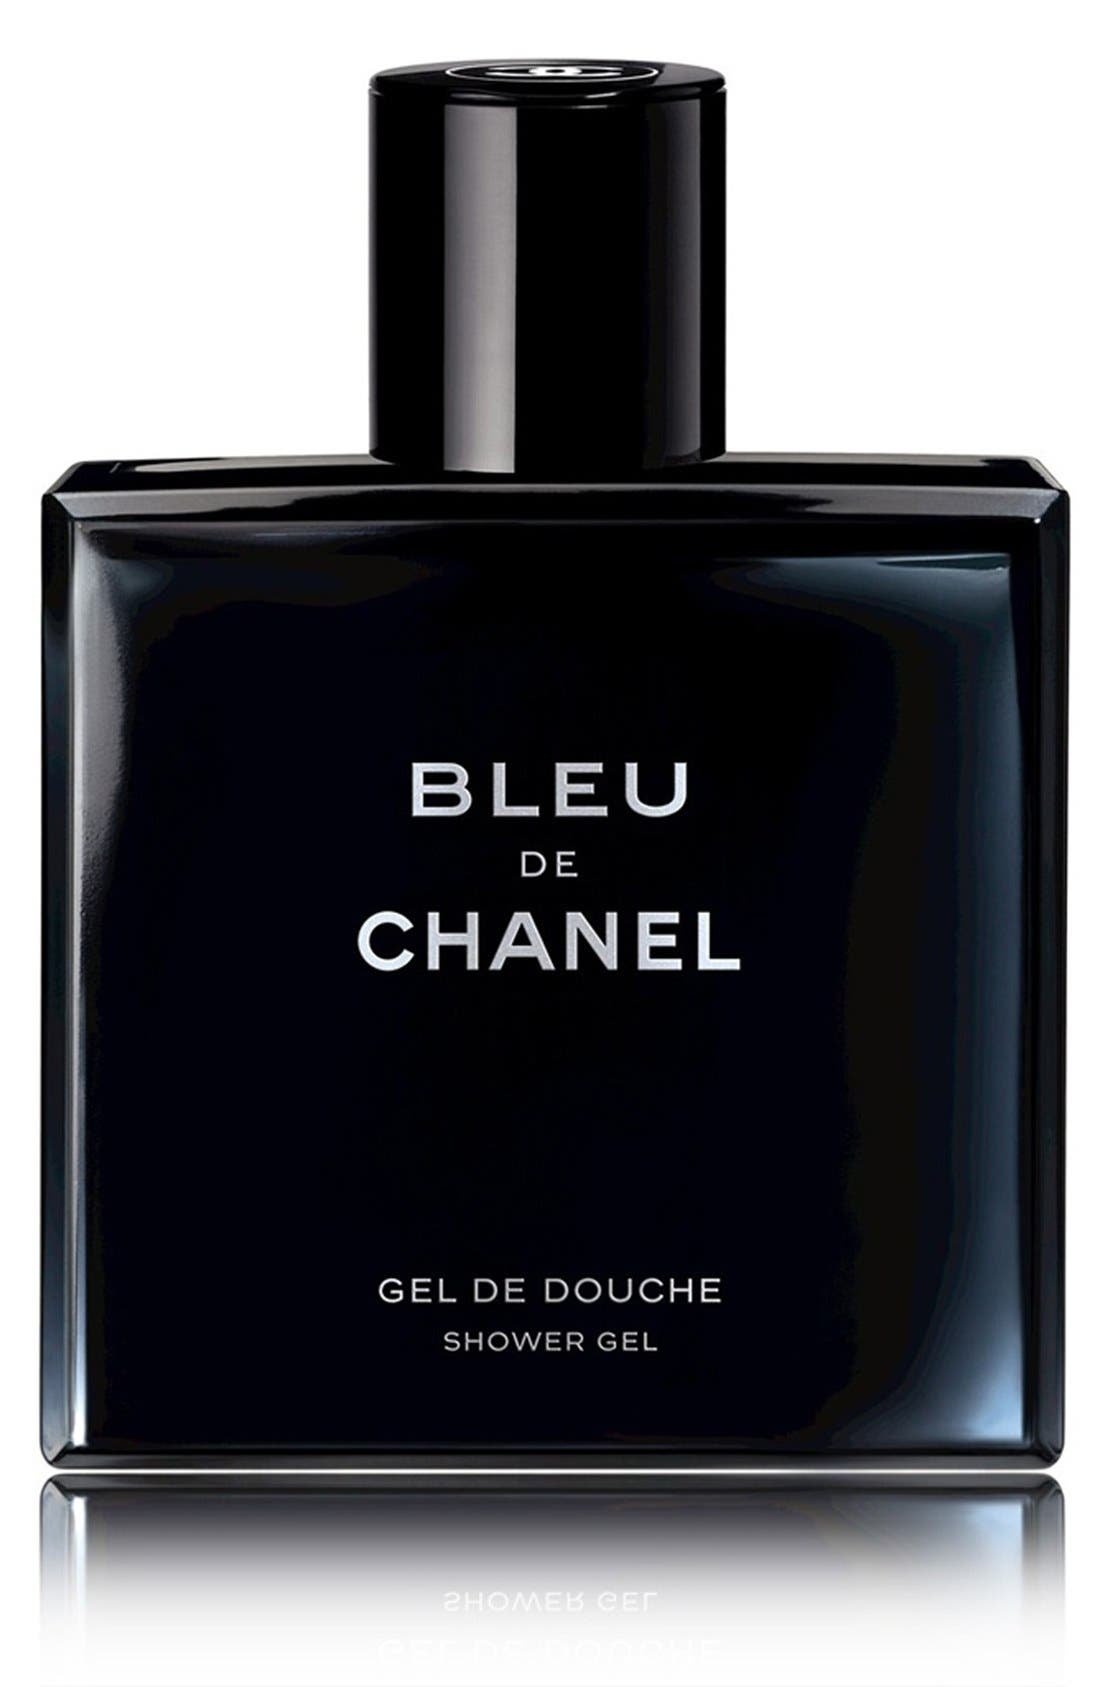 CHANEL,                             BLEU DE CHANEL<br />Shower Gel,                             Main thumbnail 1, color,                             000